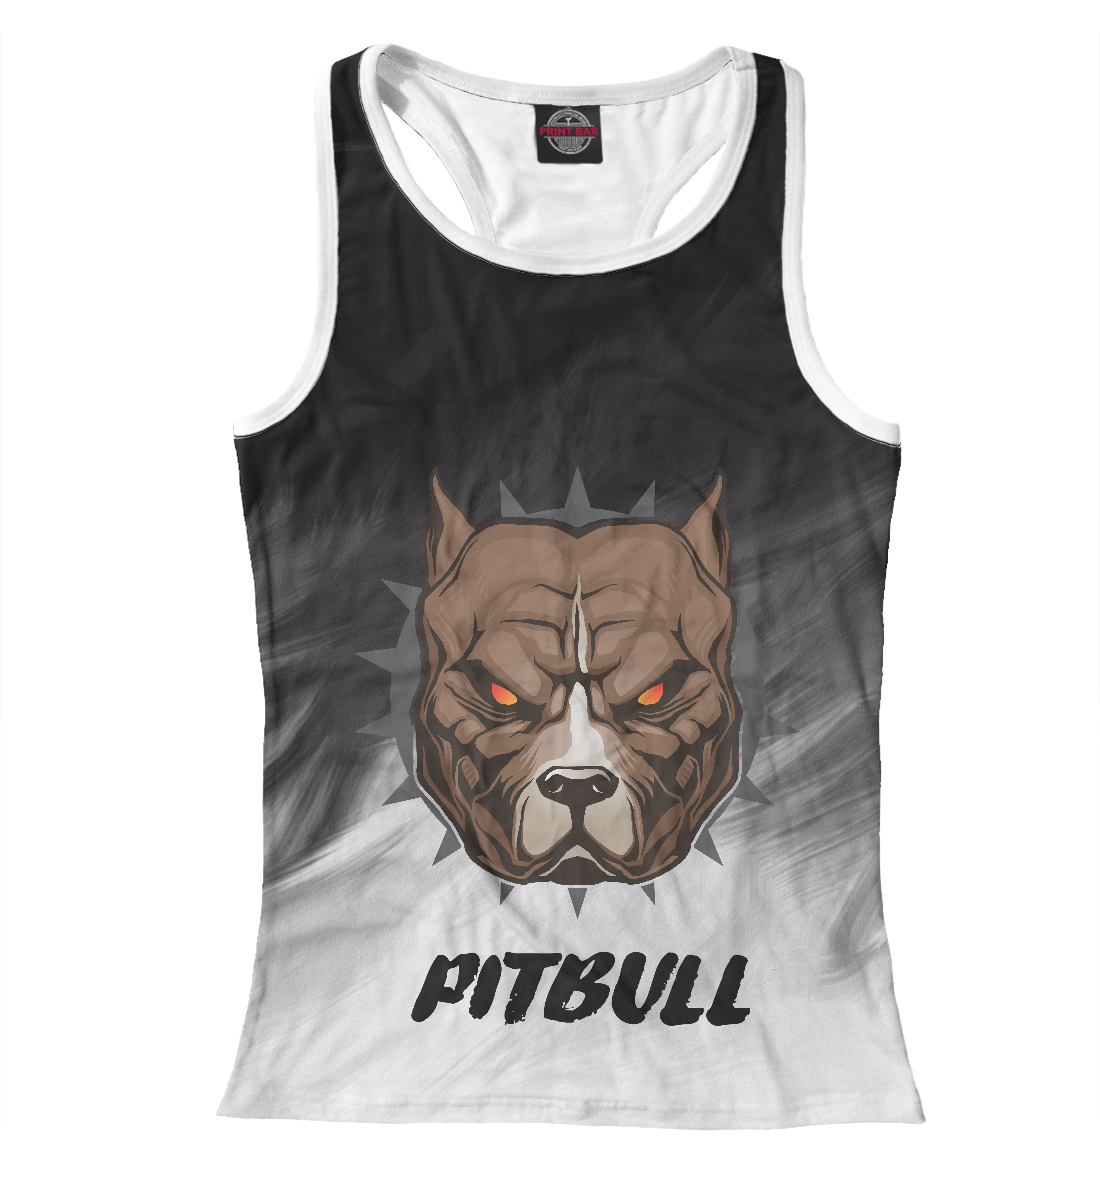 Купить Pitbull, Printbar, Майки борцовки, DOG-144963-mayb-1